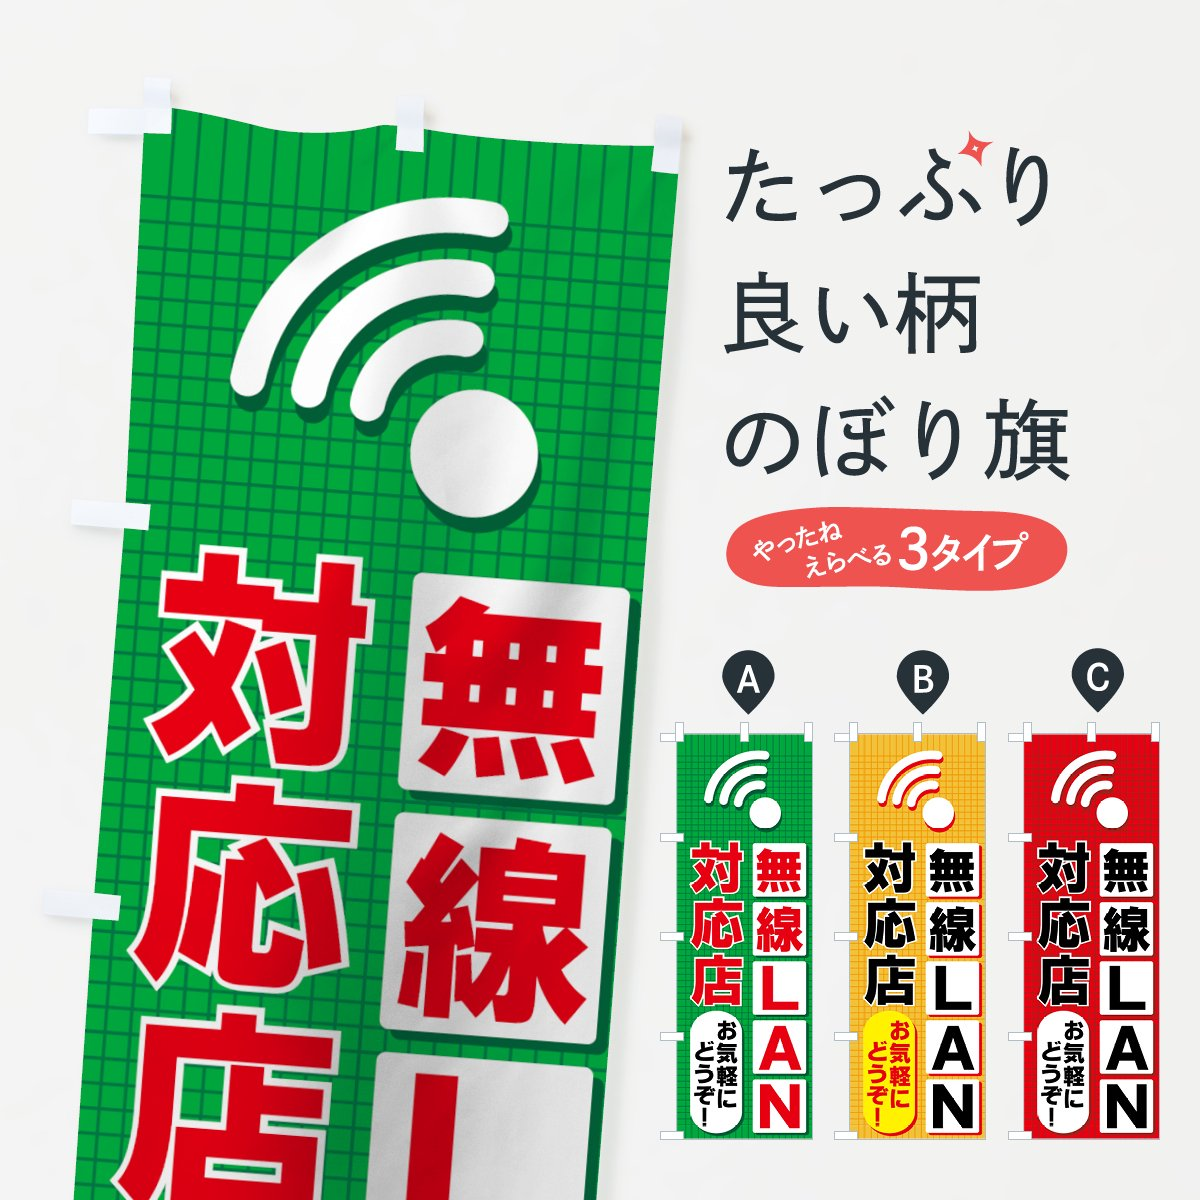 無線LAN対応店のぼり旗 お気軽にどうぞ!